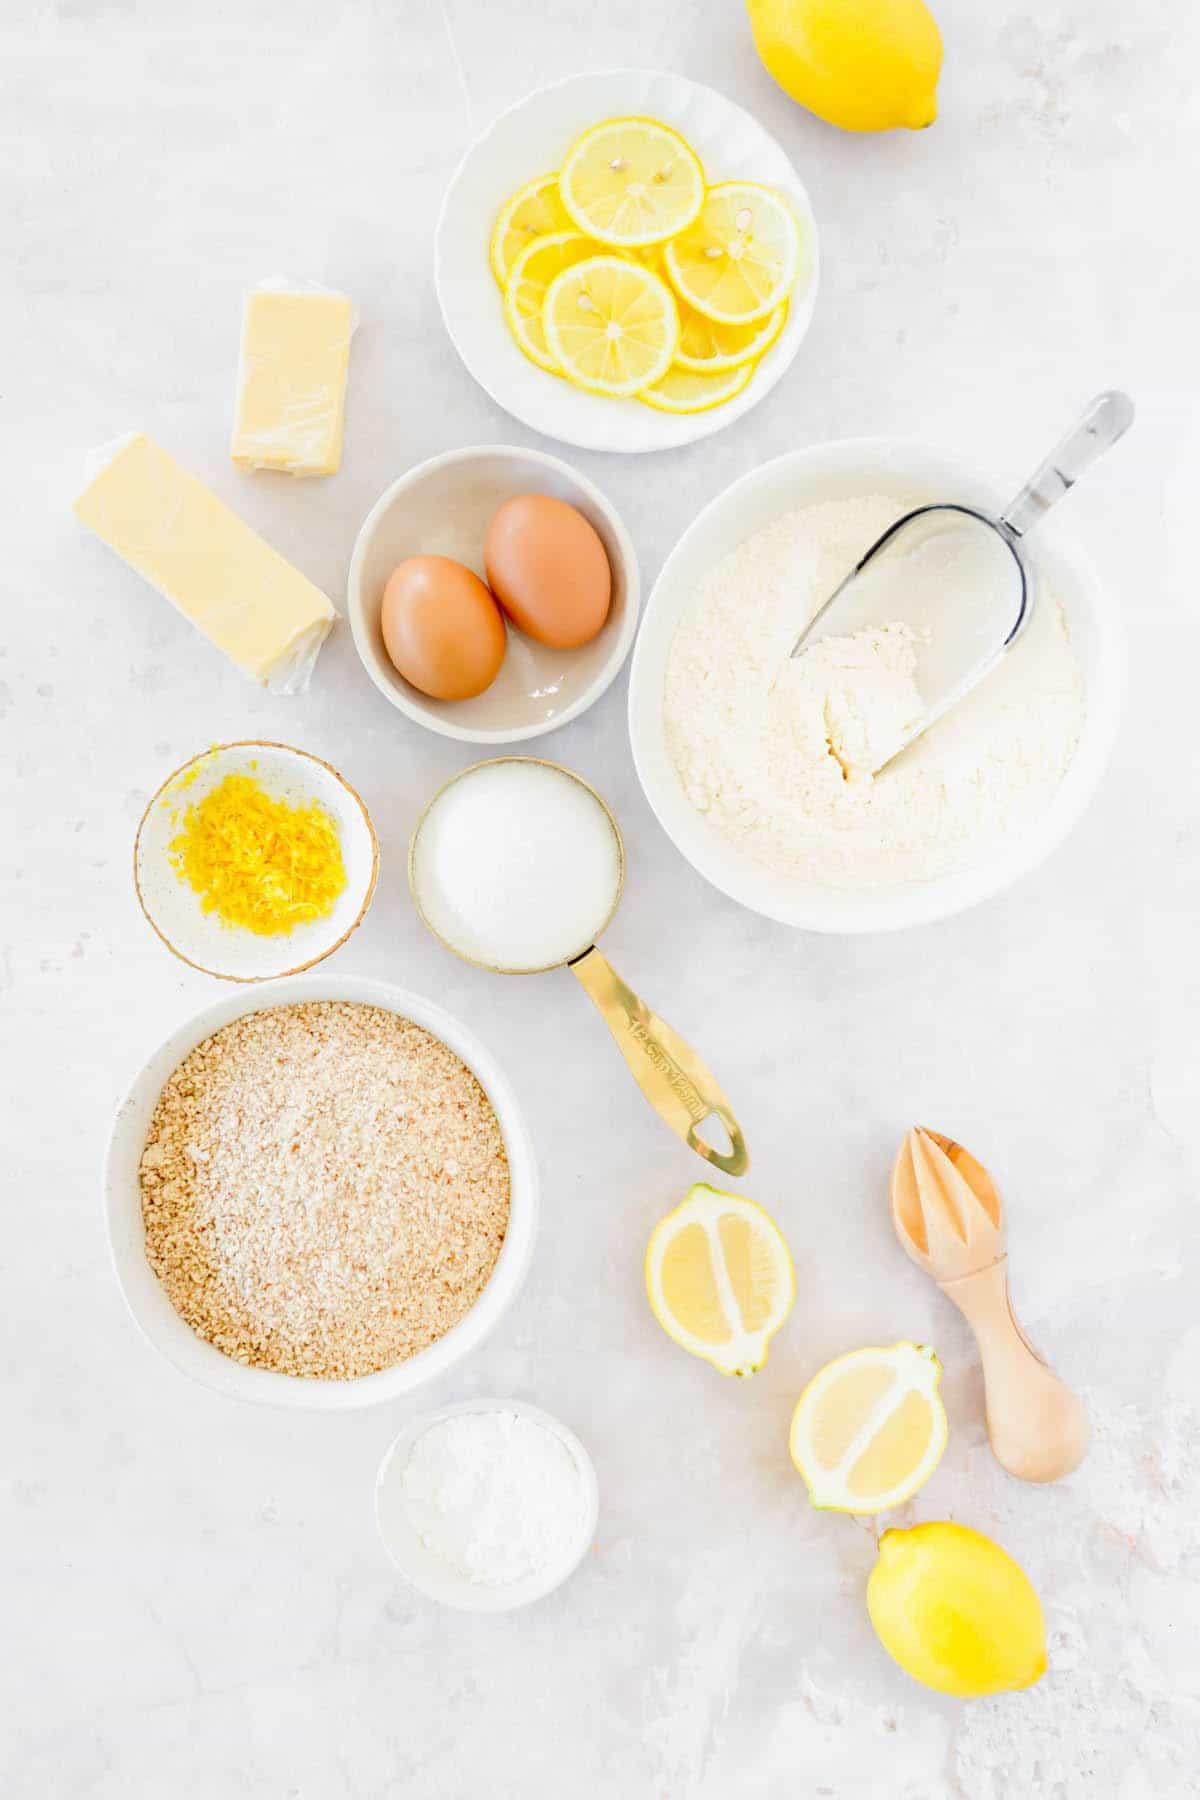 Ingredients to make lemon cookies measured